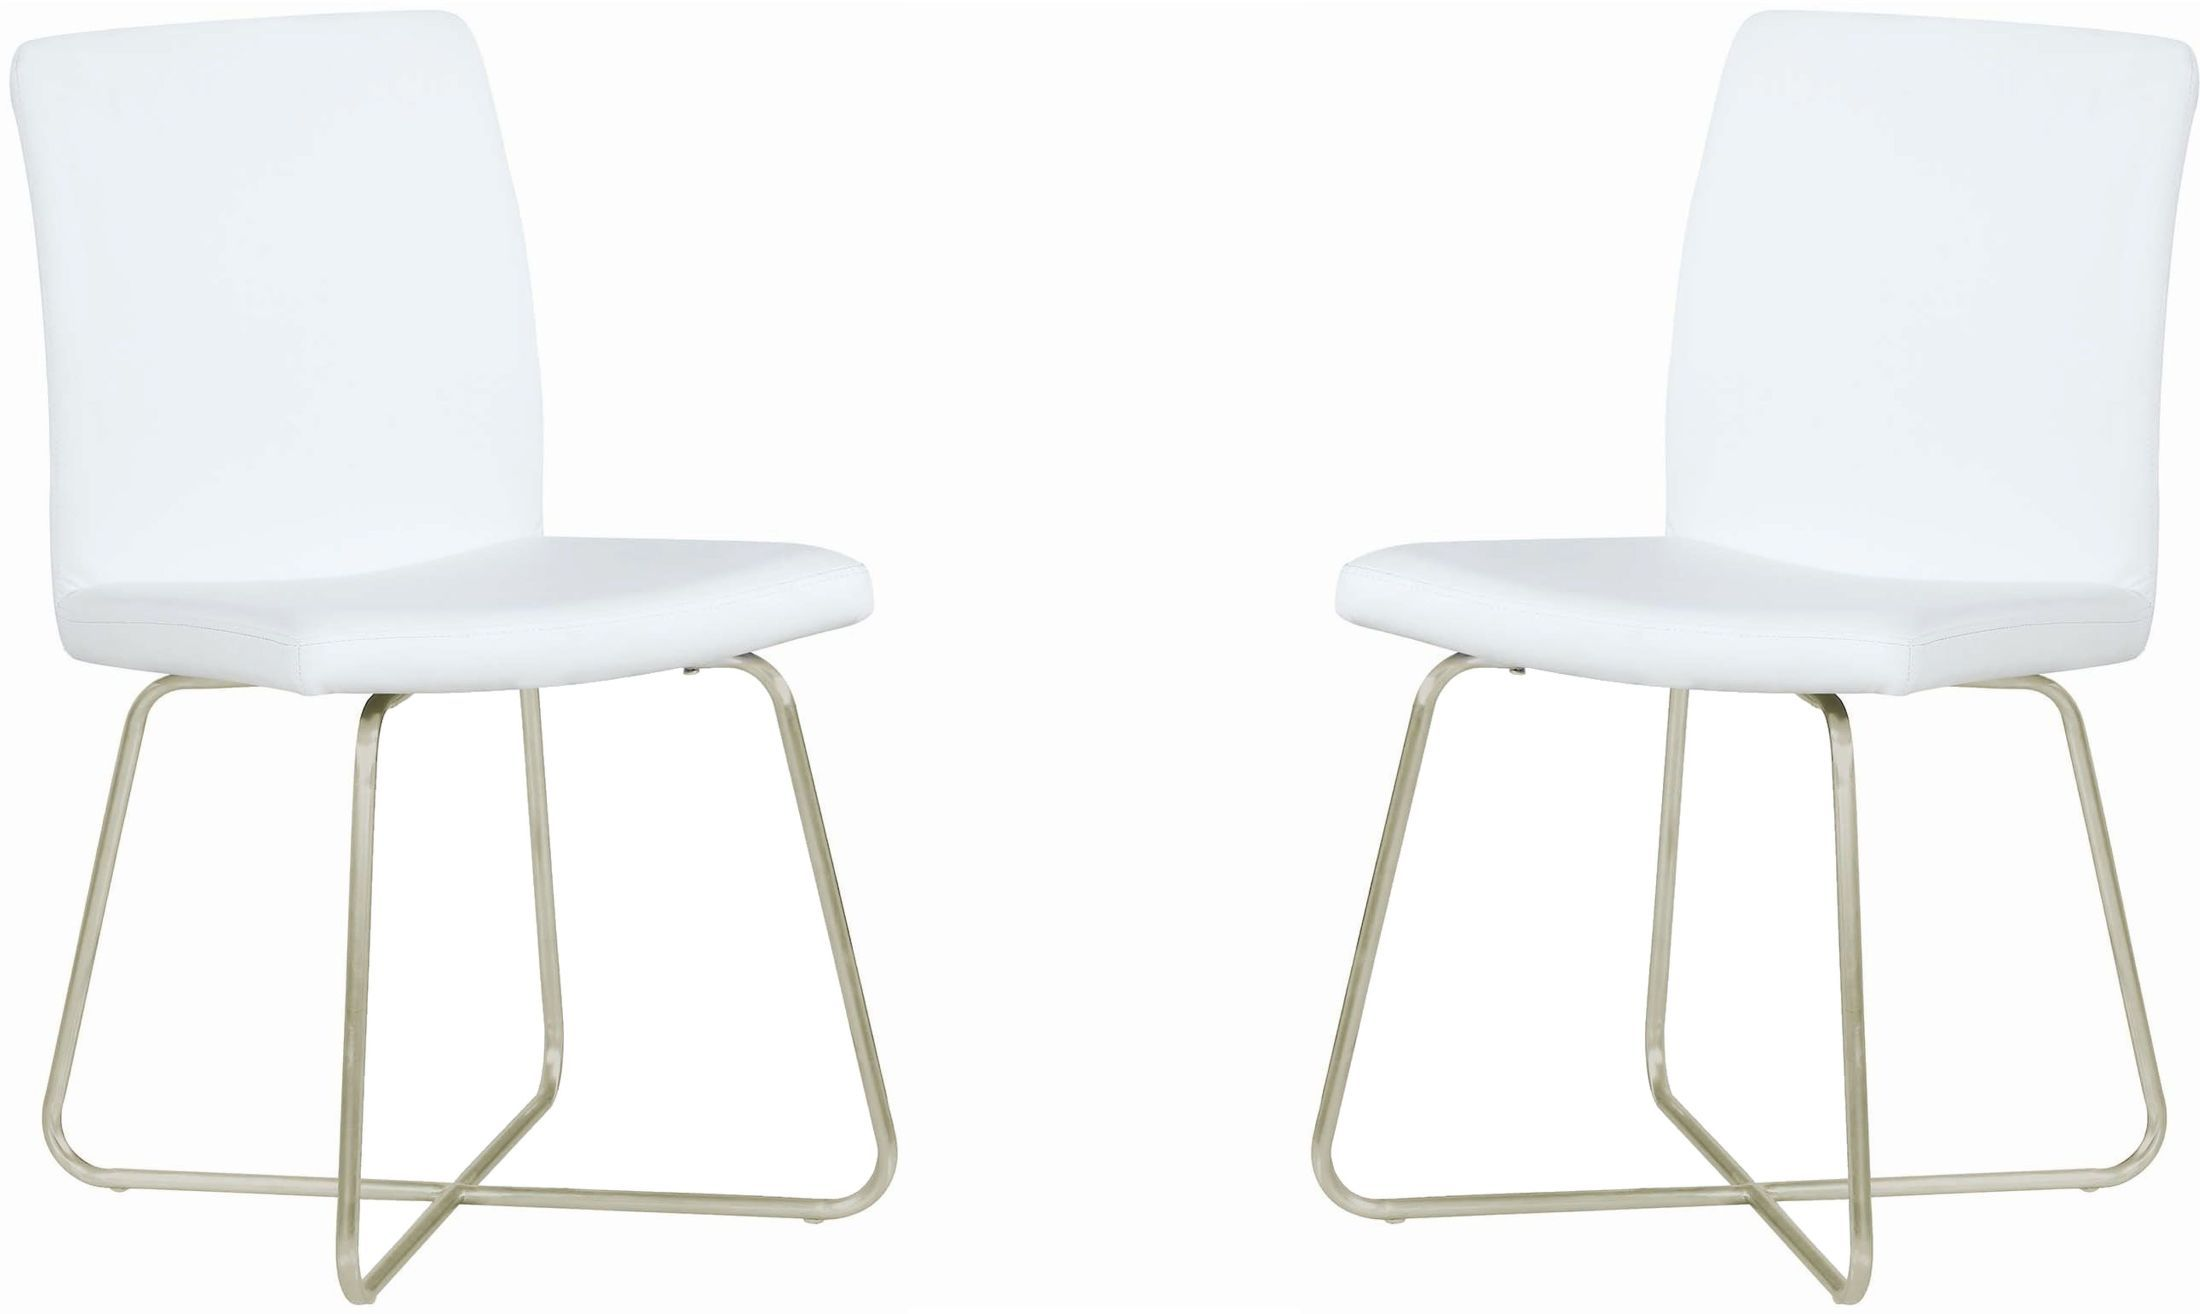 Leder Esszimmer Stuhle Sind Modern In Weiss Stuhl Metall Esszimmer